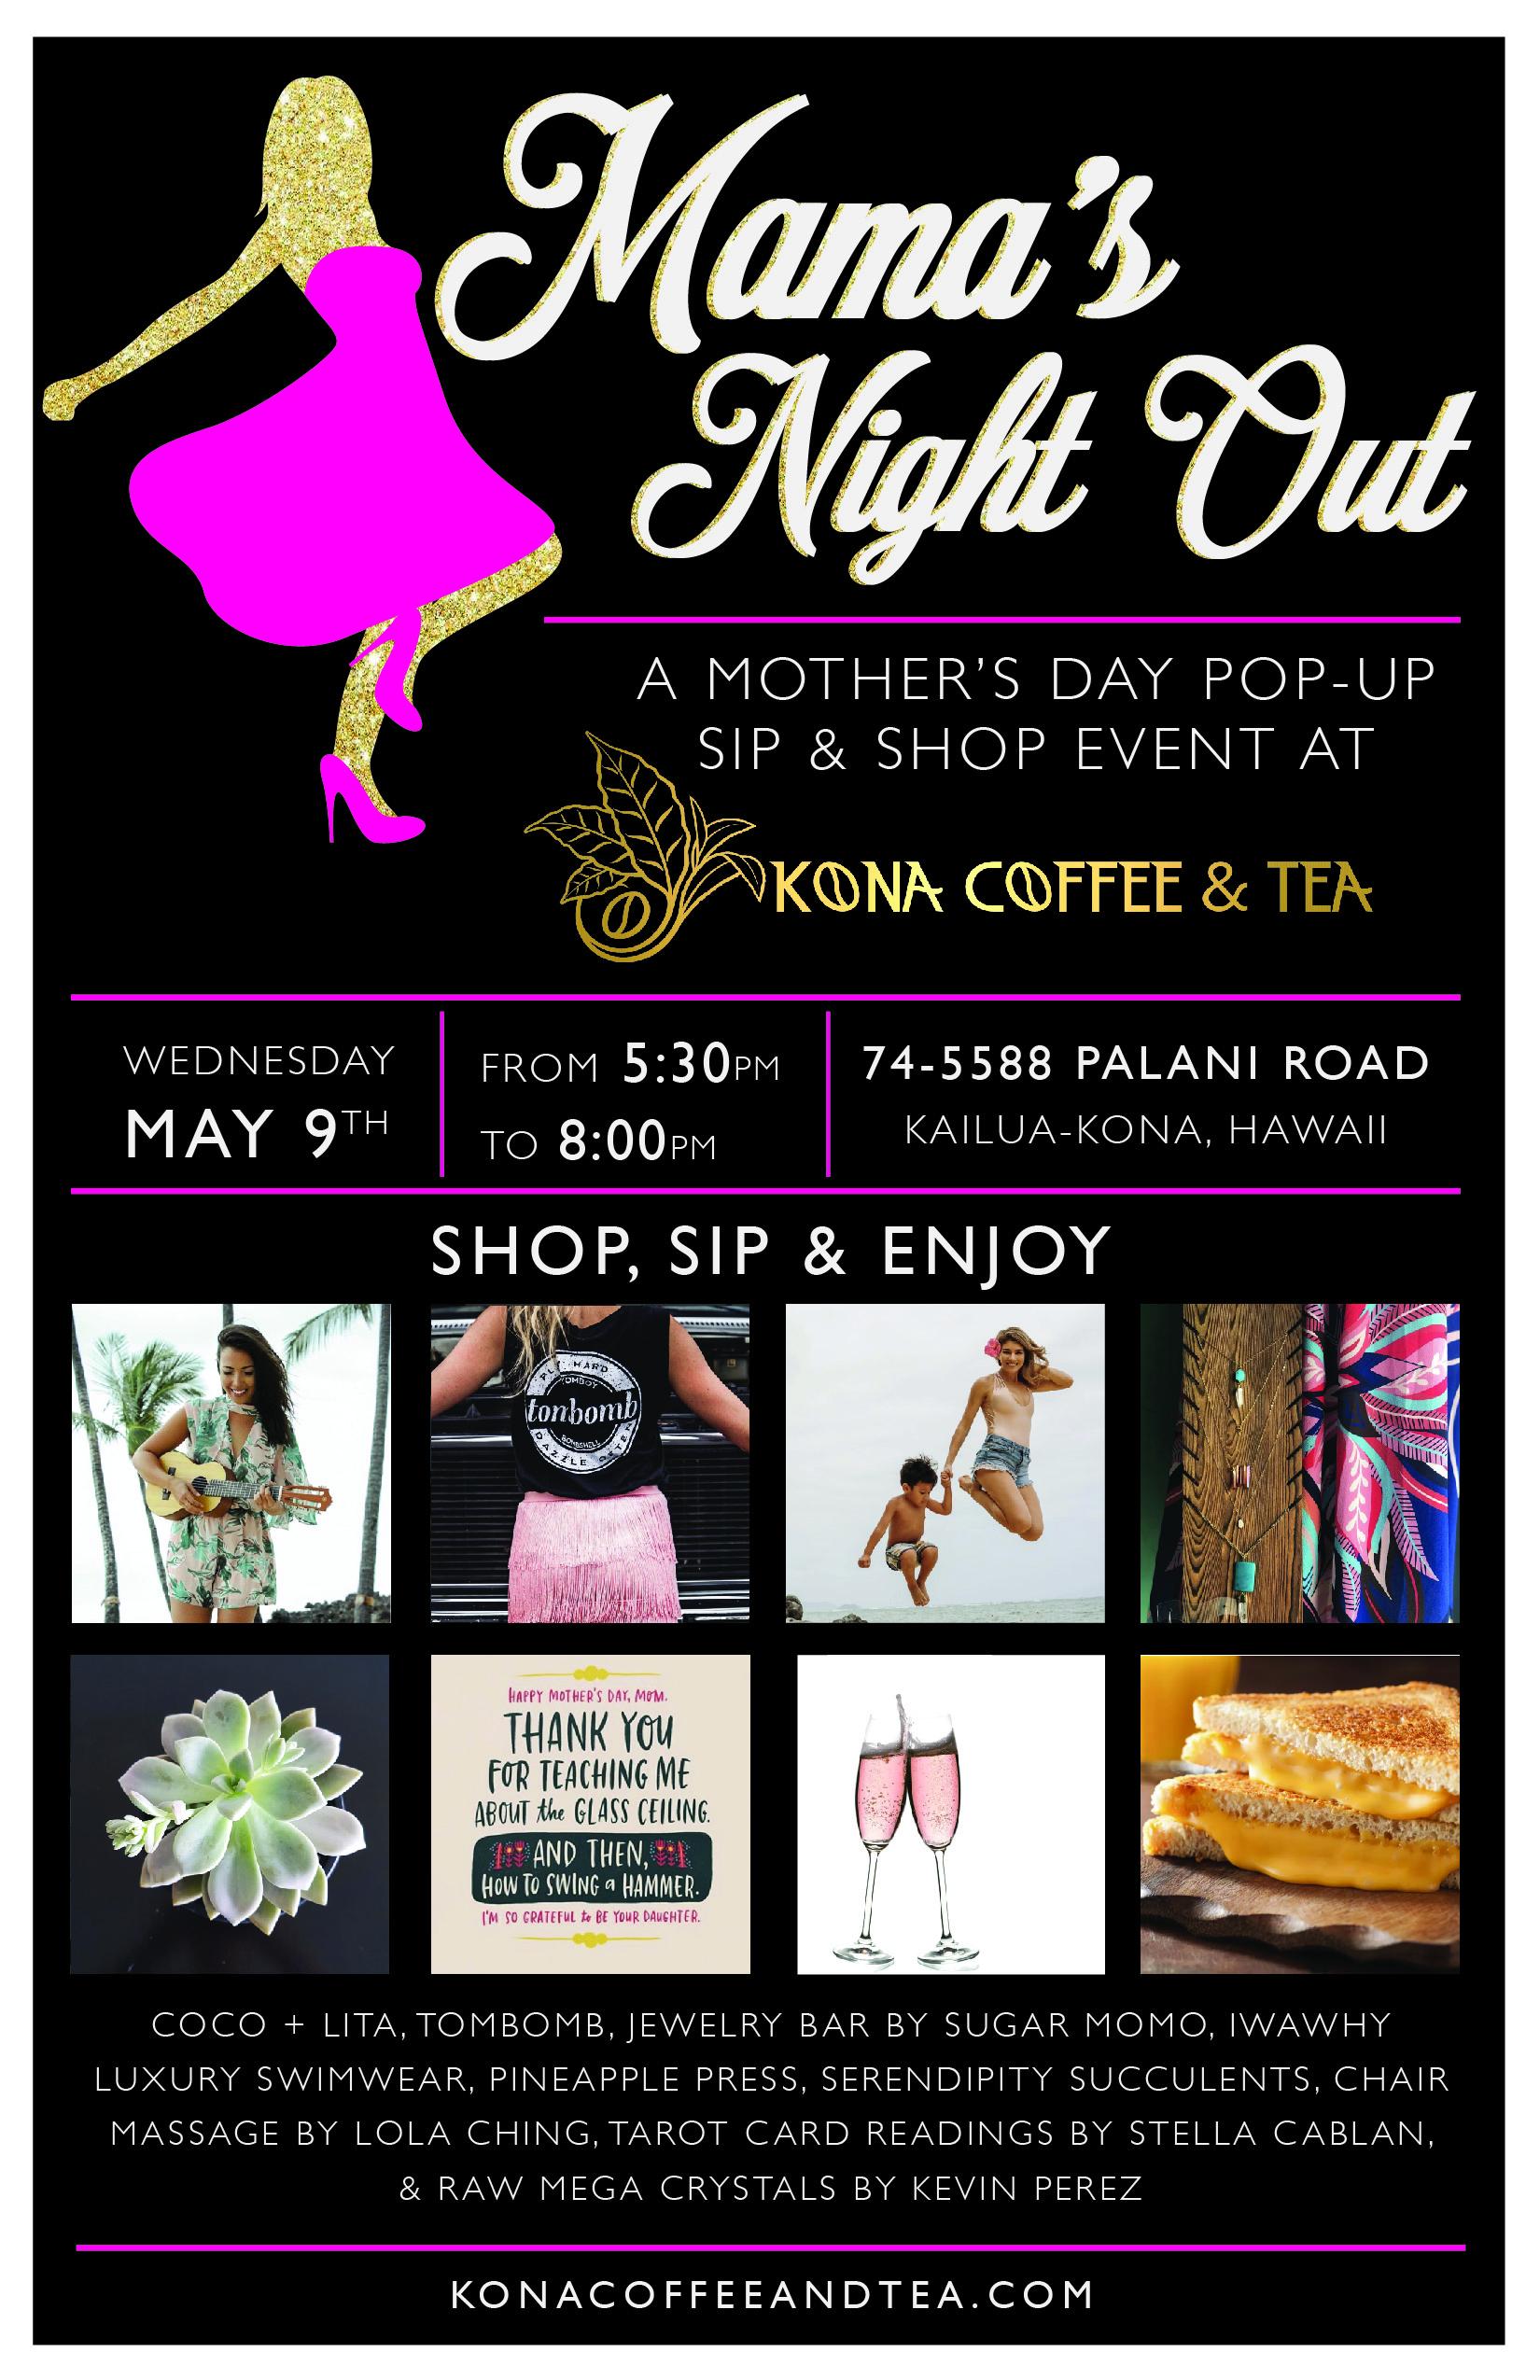 Mamas Night Out_Kona Coffee and tea Kona 2018_11x17_WEB-01.jpg